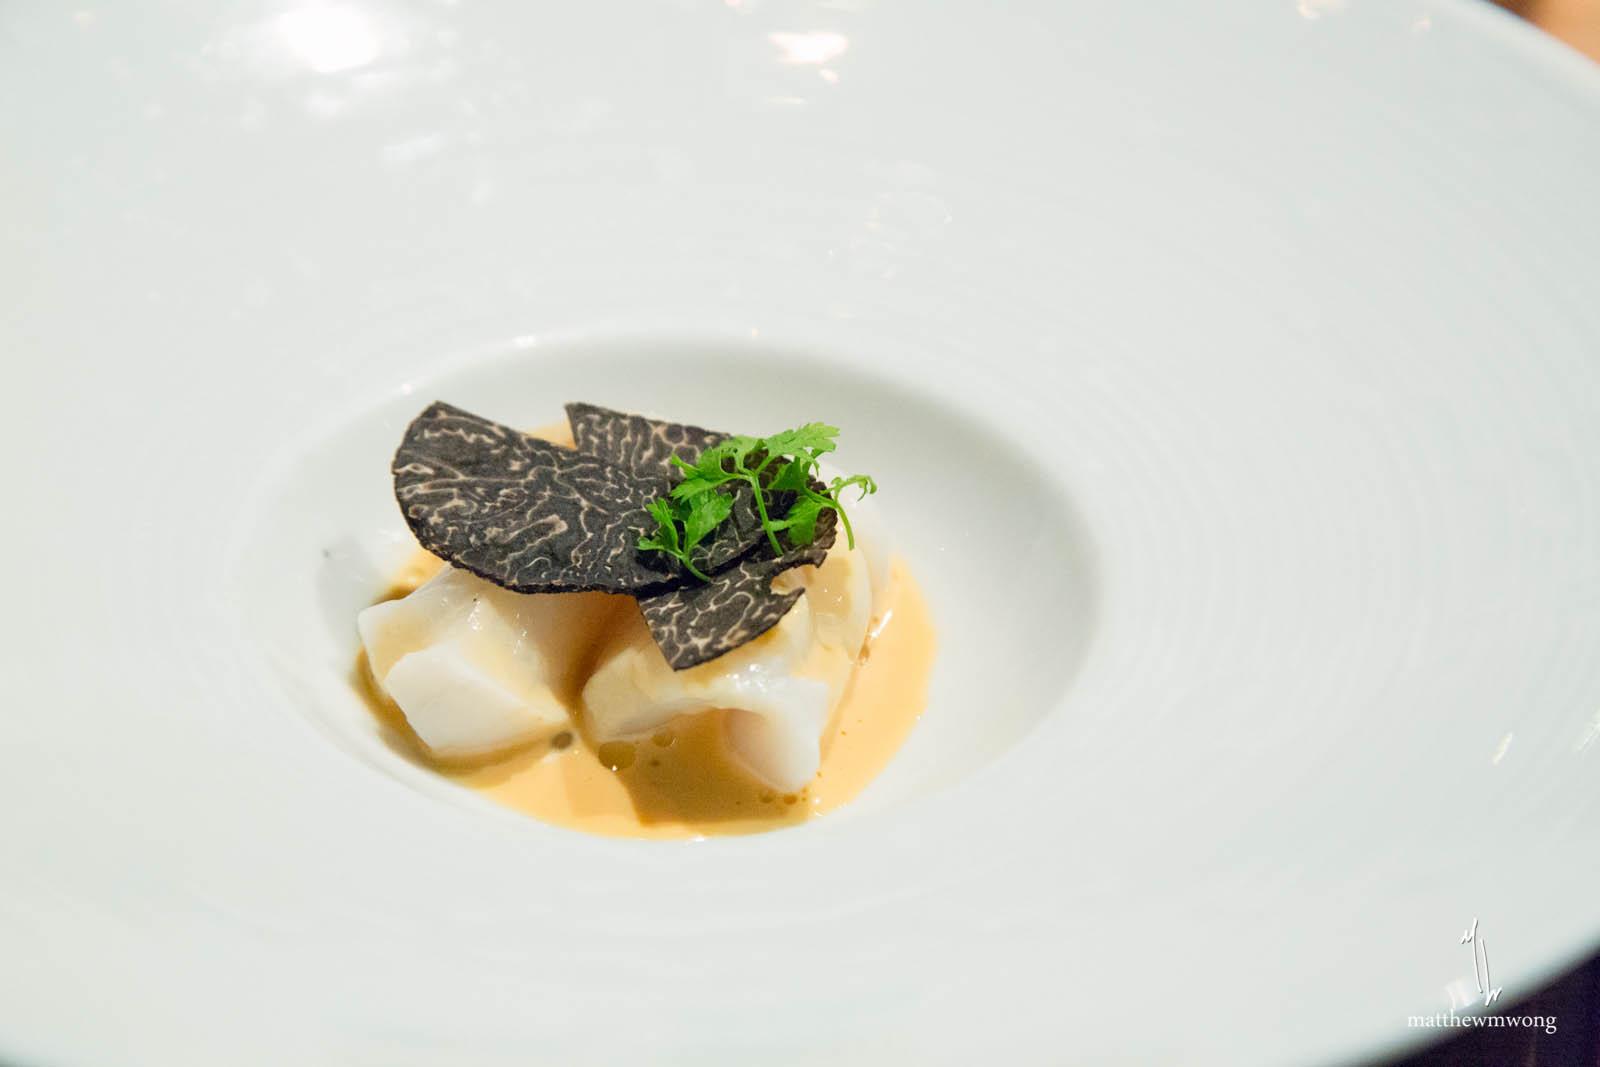 Diver Sea Scallop - australian perigord truffle, sake sea urchin jus, chervil